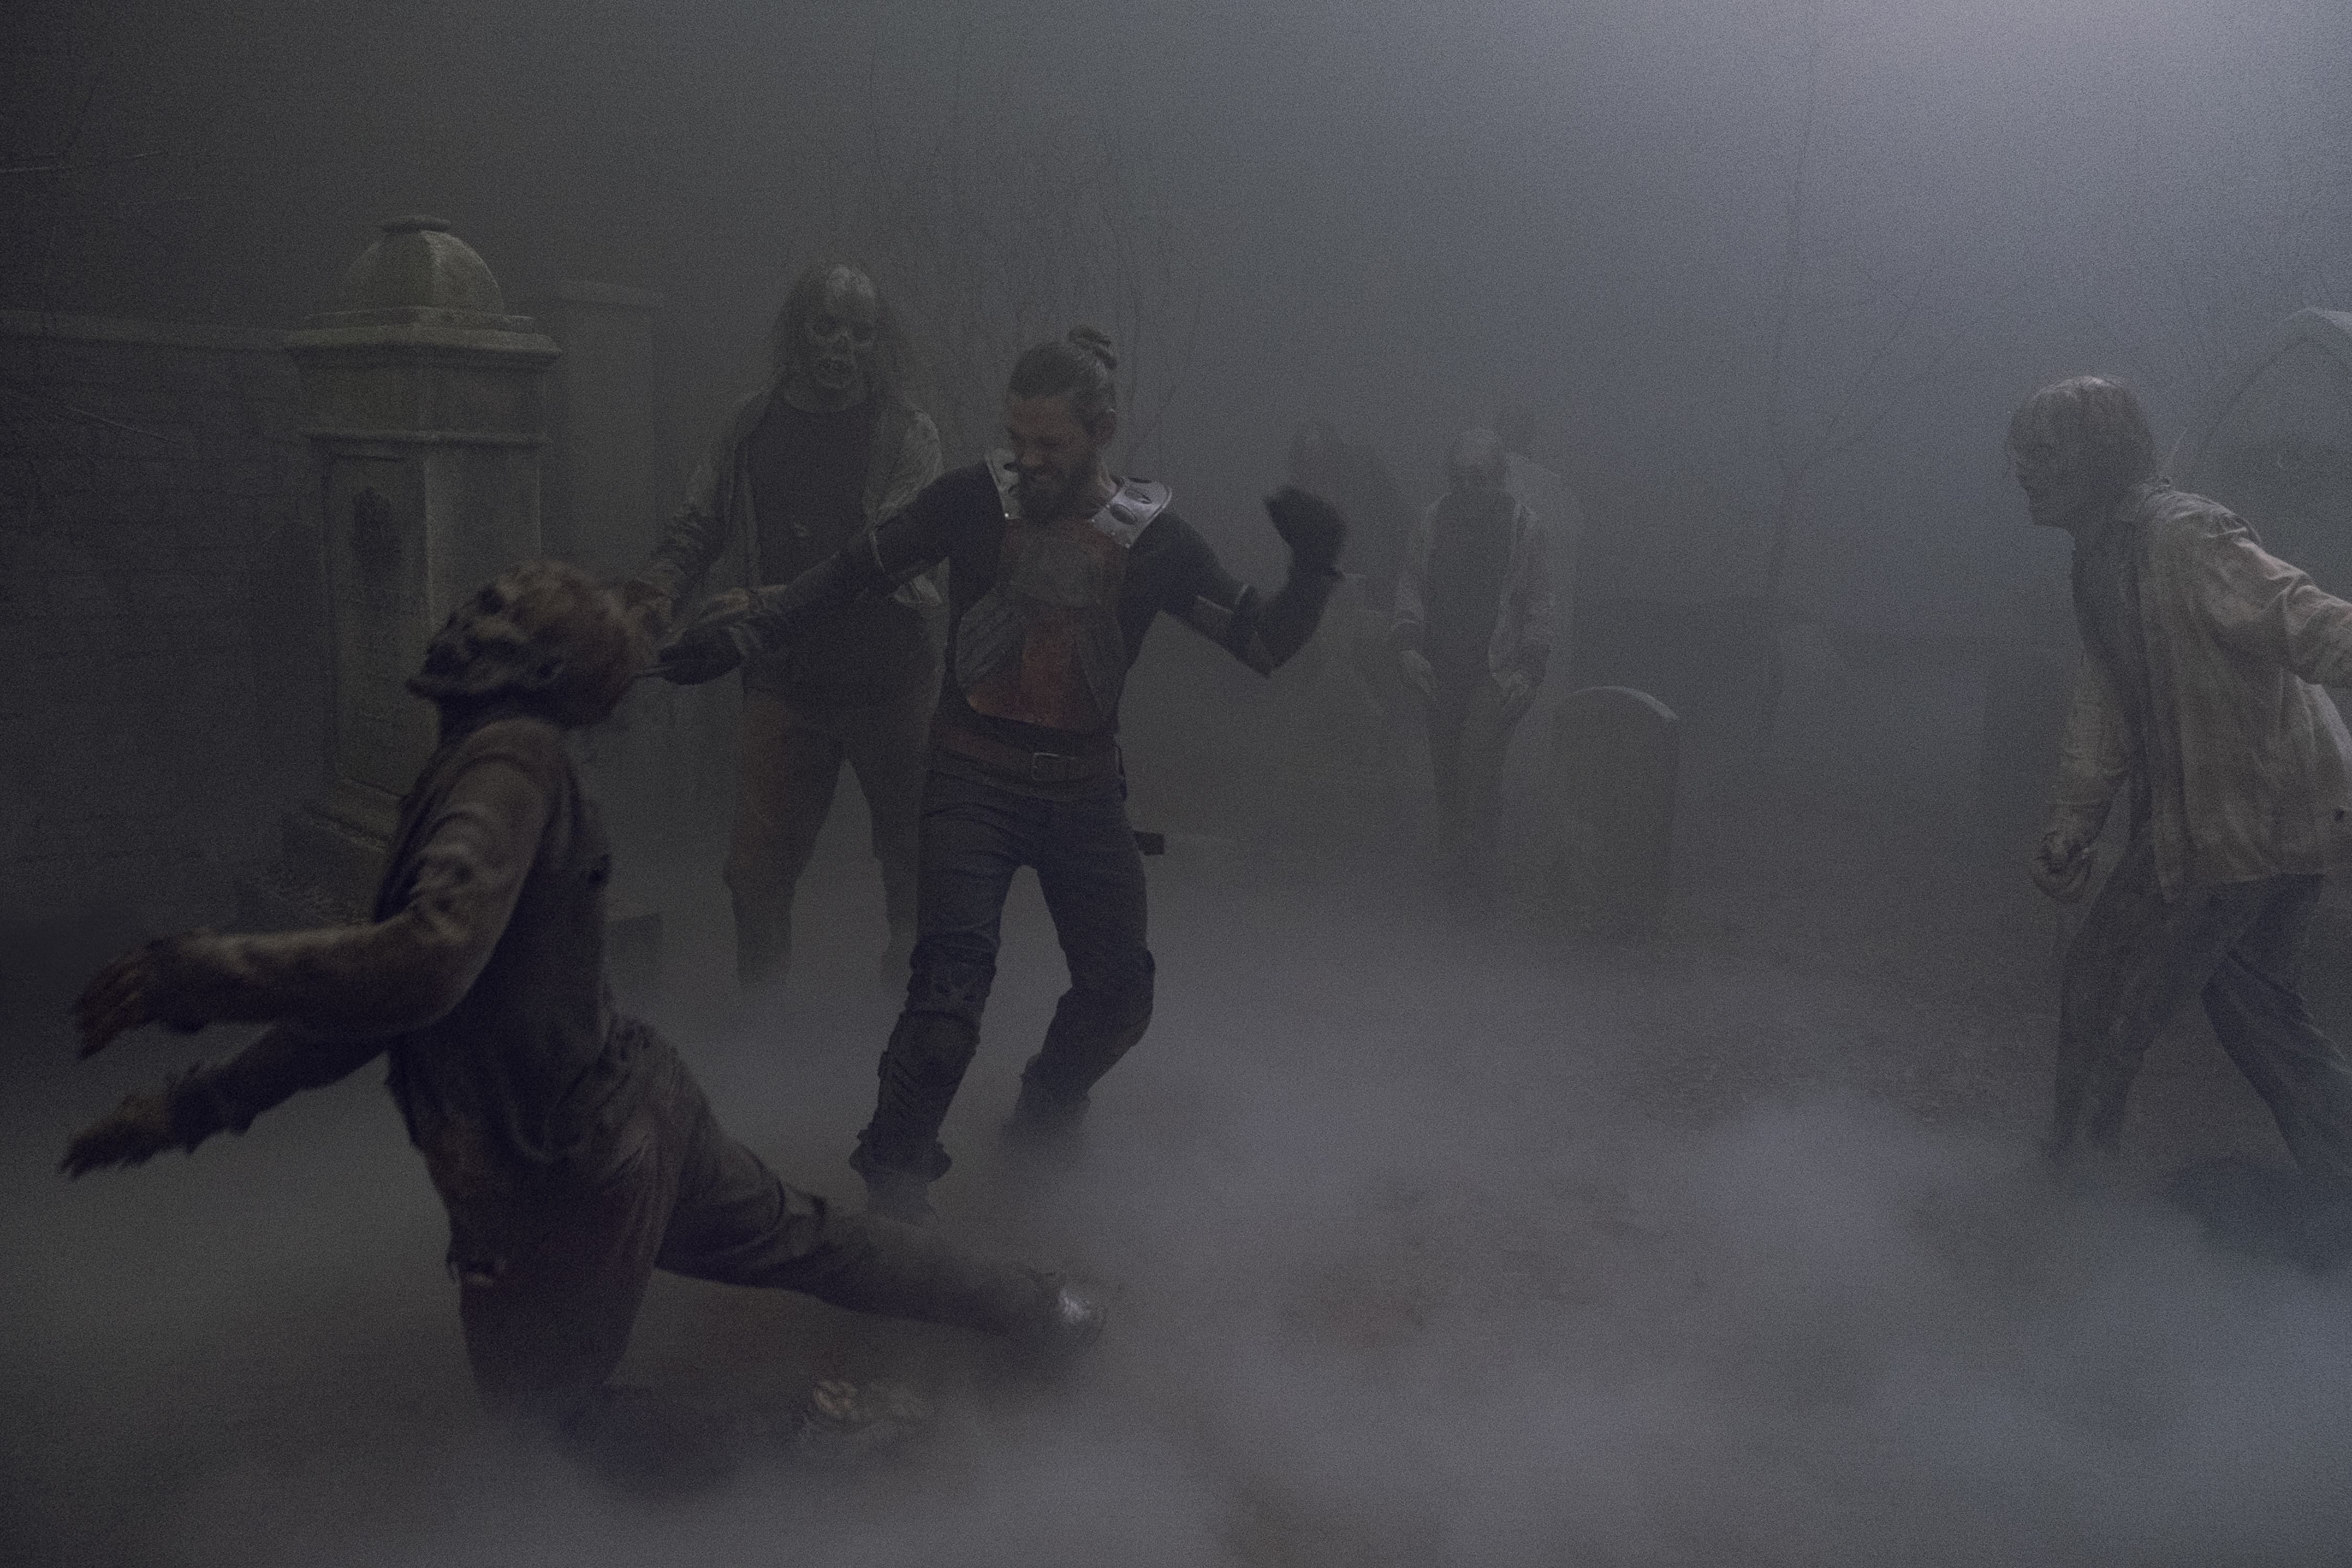 Paul 'Jesus' Rovia ( - Tom Payne) se montre redoutable face à la horde de marcheurs - The Walking Dead - Saison 9, Épisode 8 - Crédit photo : Gene Page/AMC